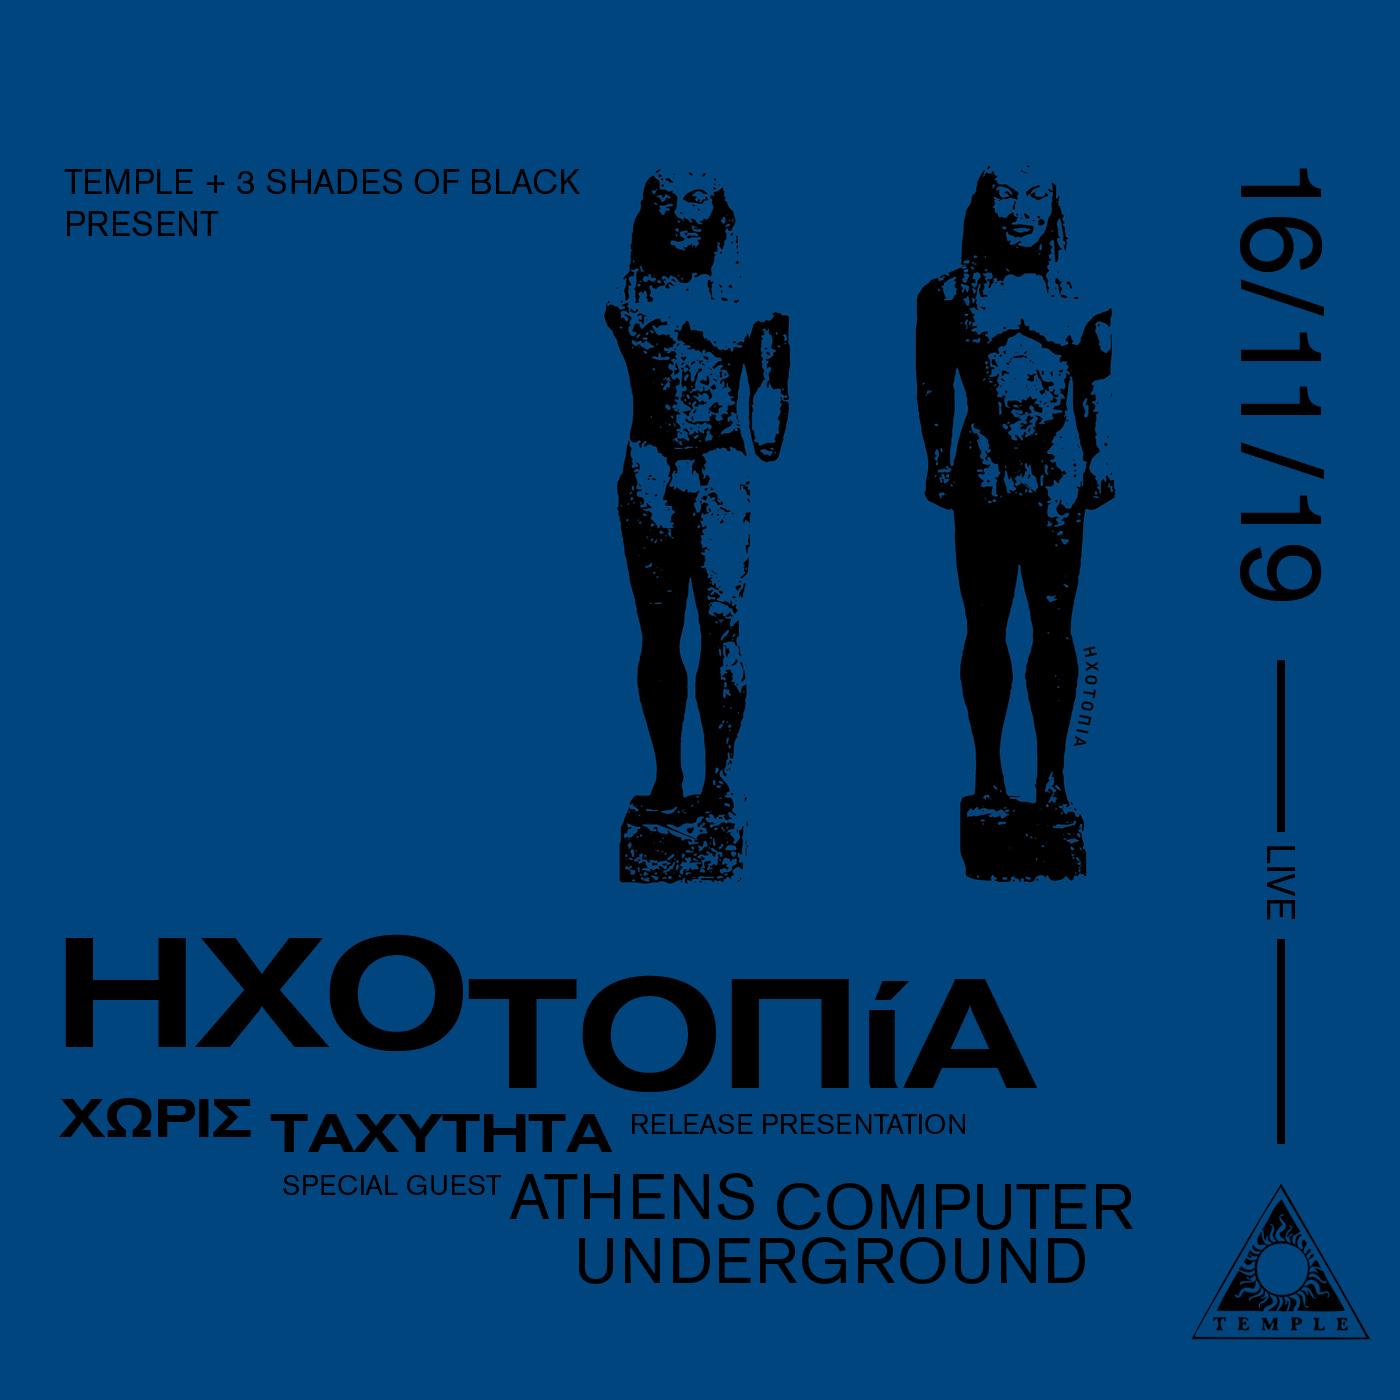 191116_Ixotopia_insta